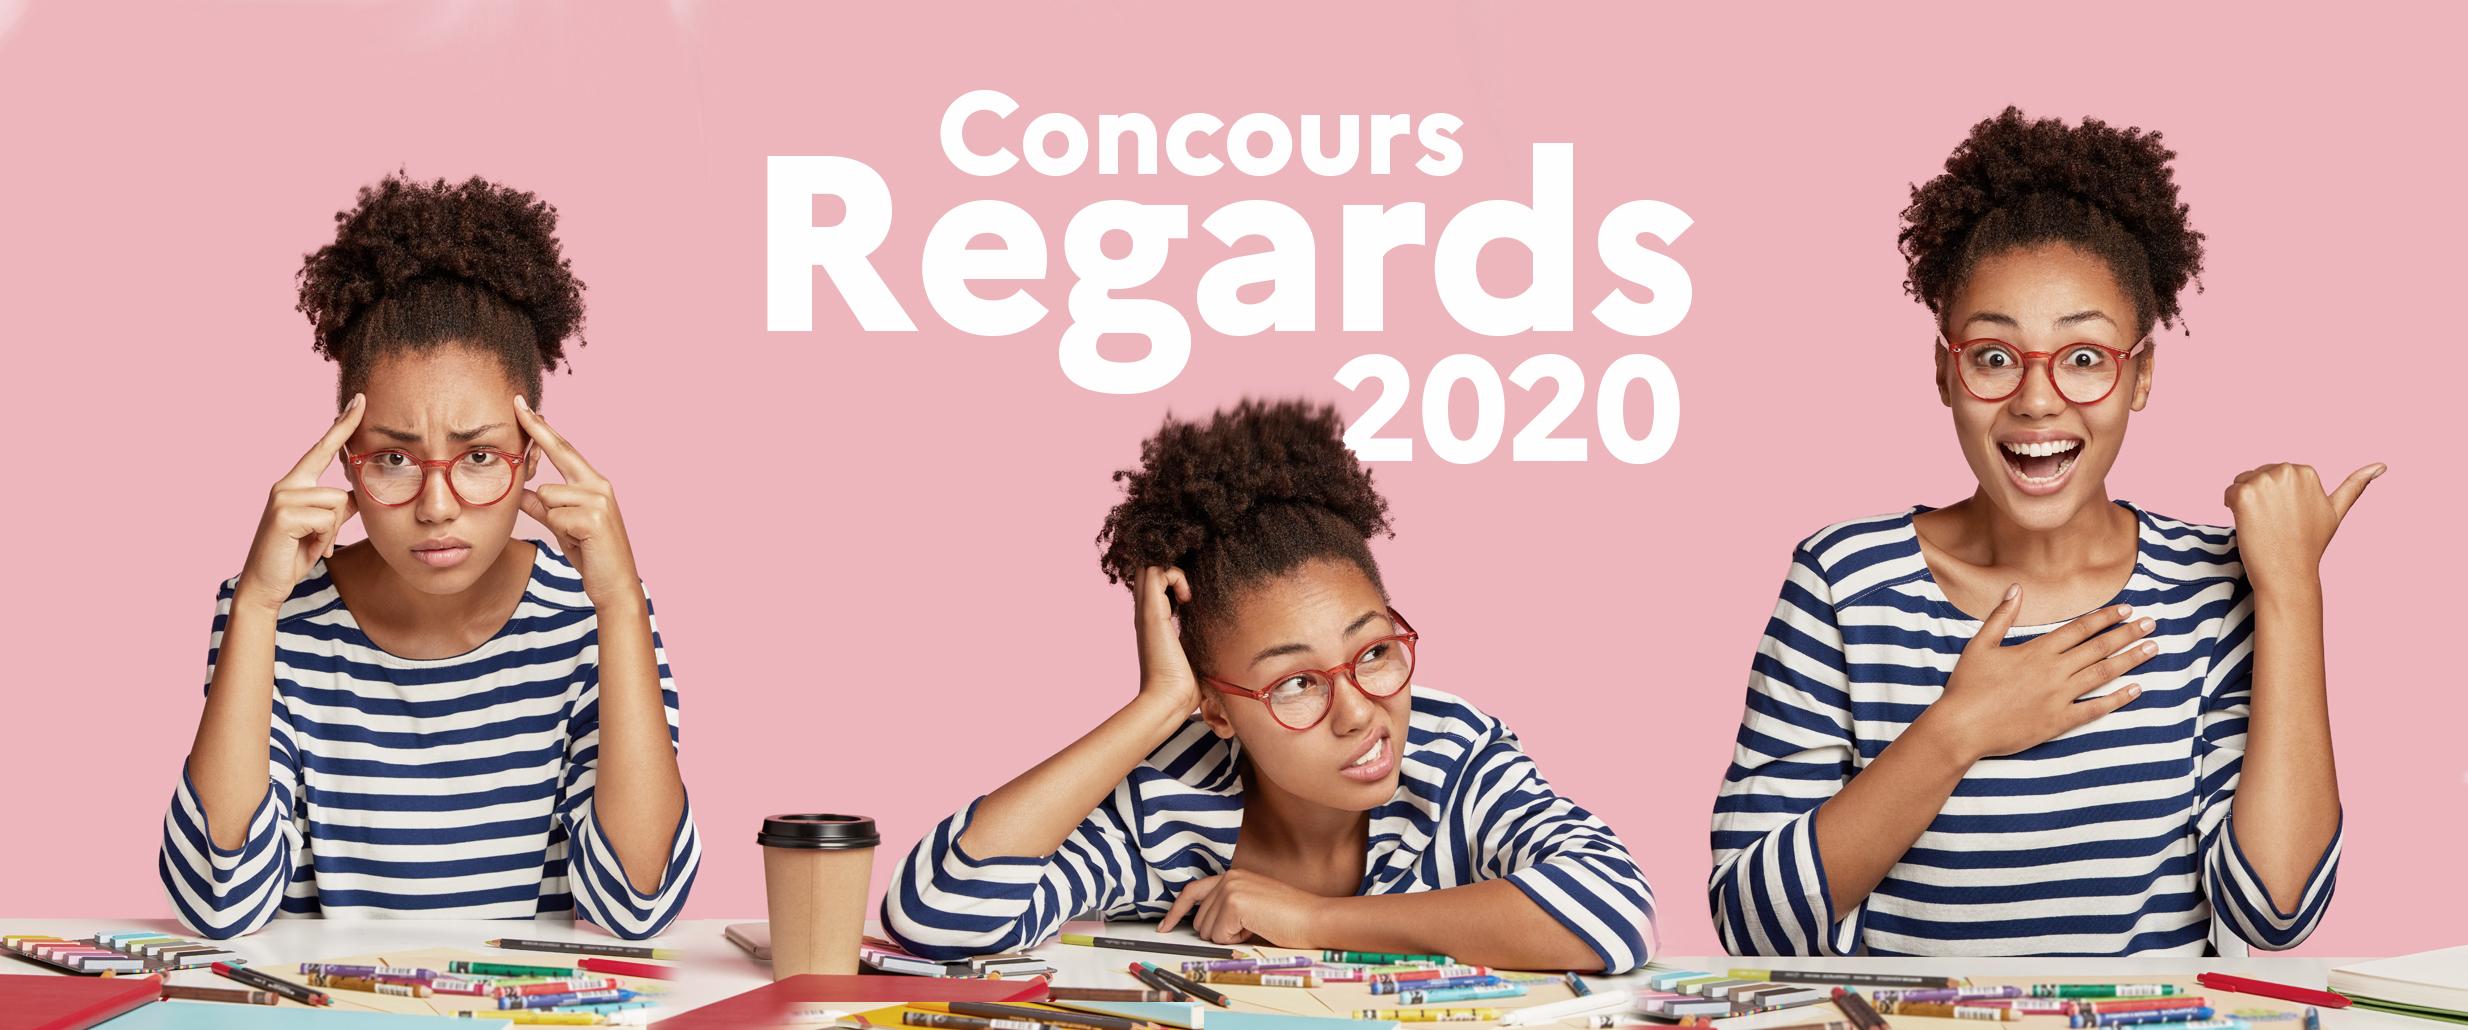 Concours Regards 2020 : Je vote !